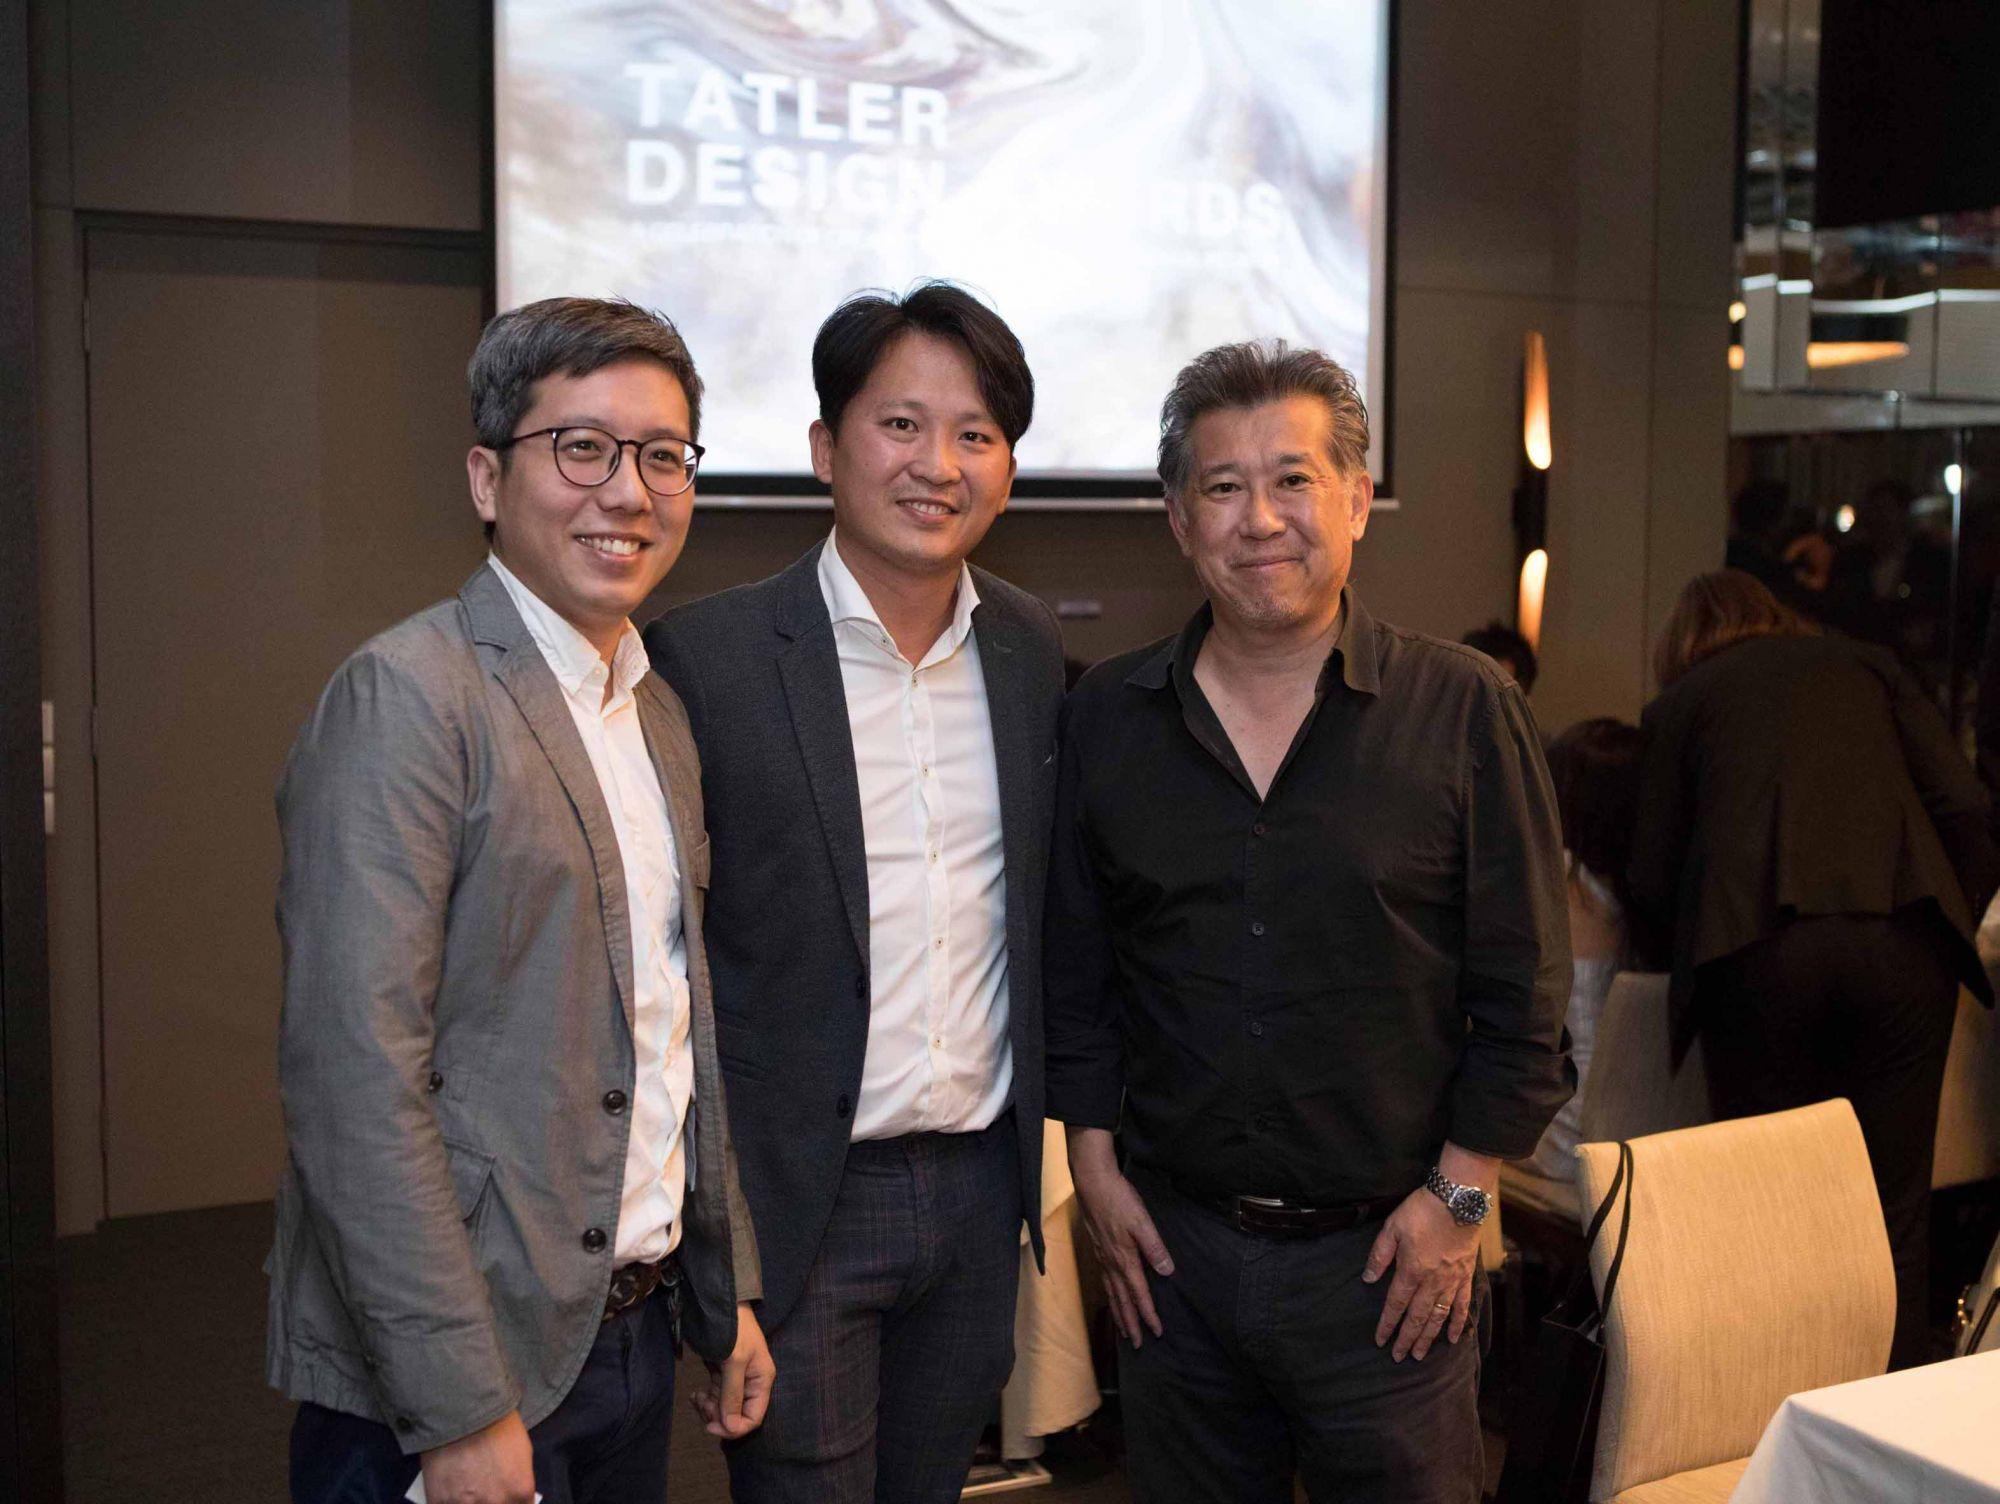 Yap Khoon Wah, Victor Loh, Rene Tan